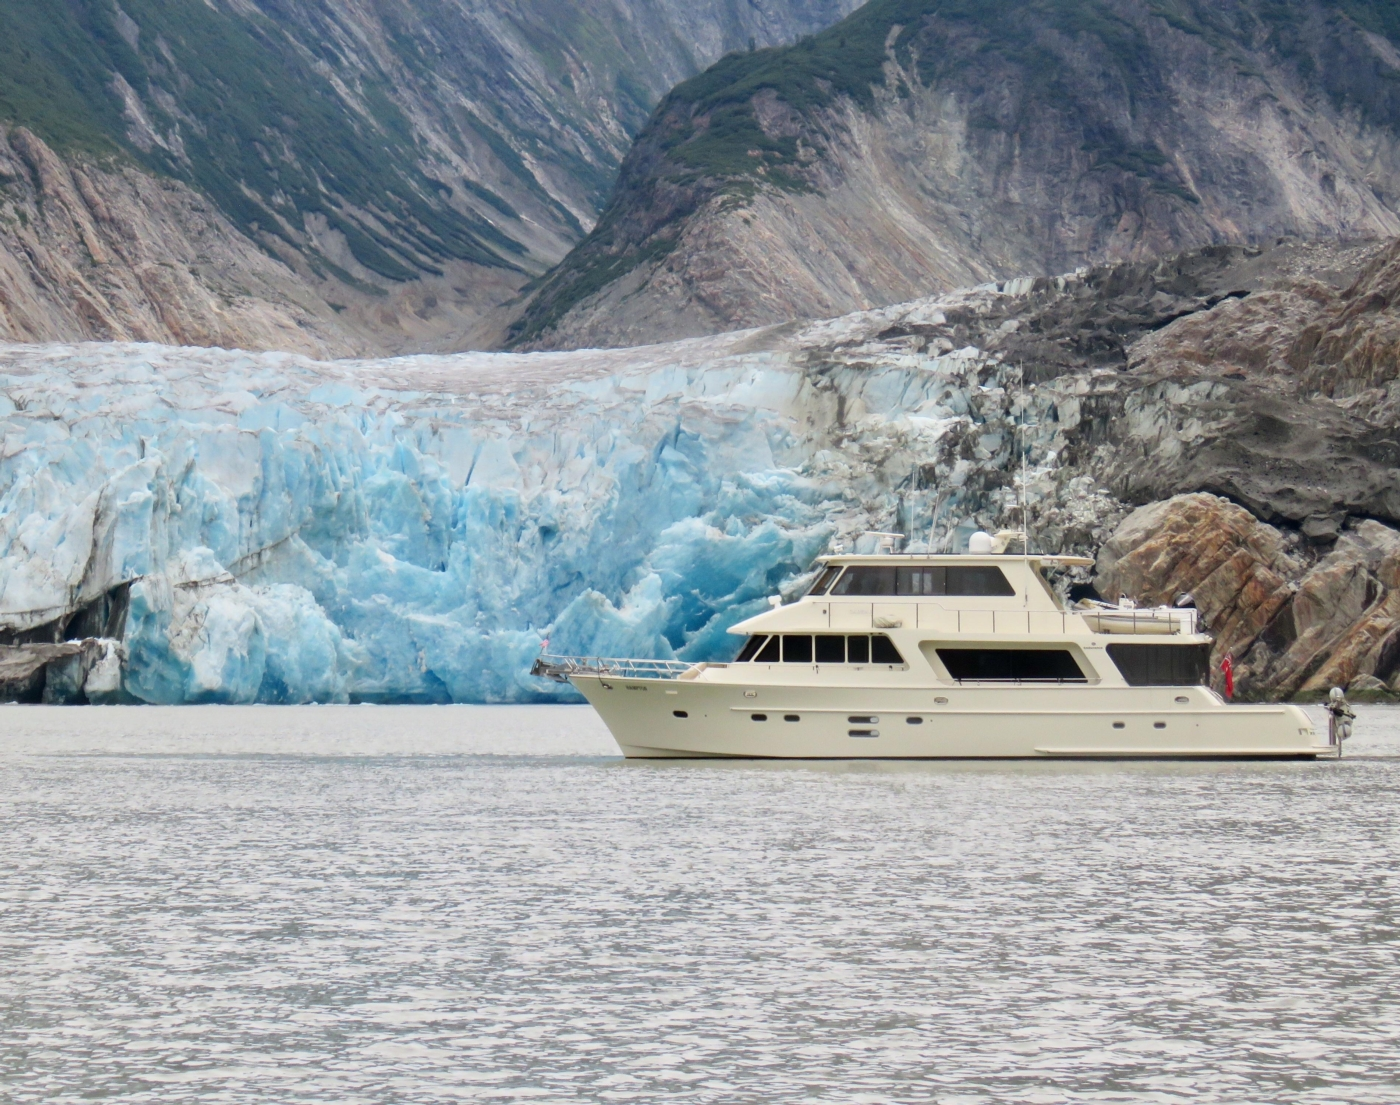 2011 Hampton 75 Endurance LRC, Tracy Arm, Alaska July 2019